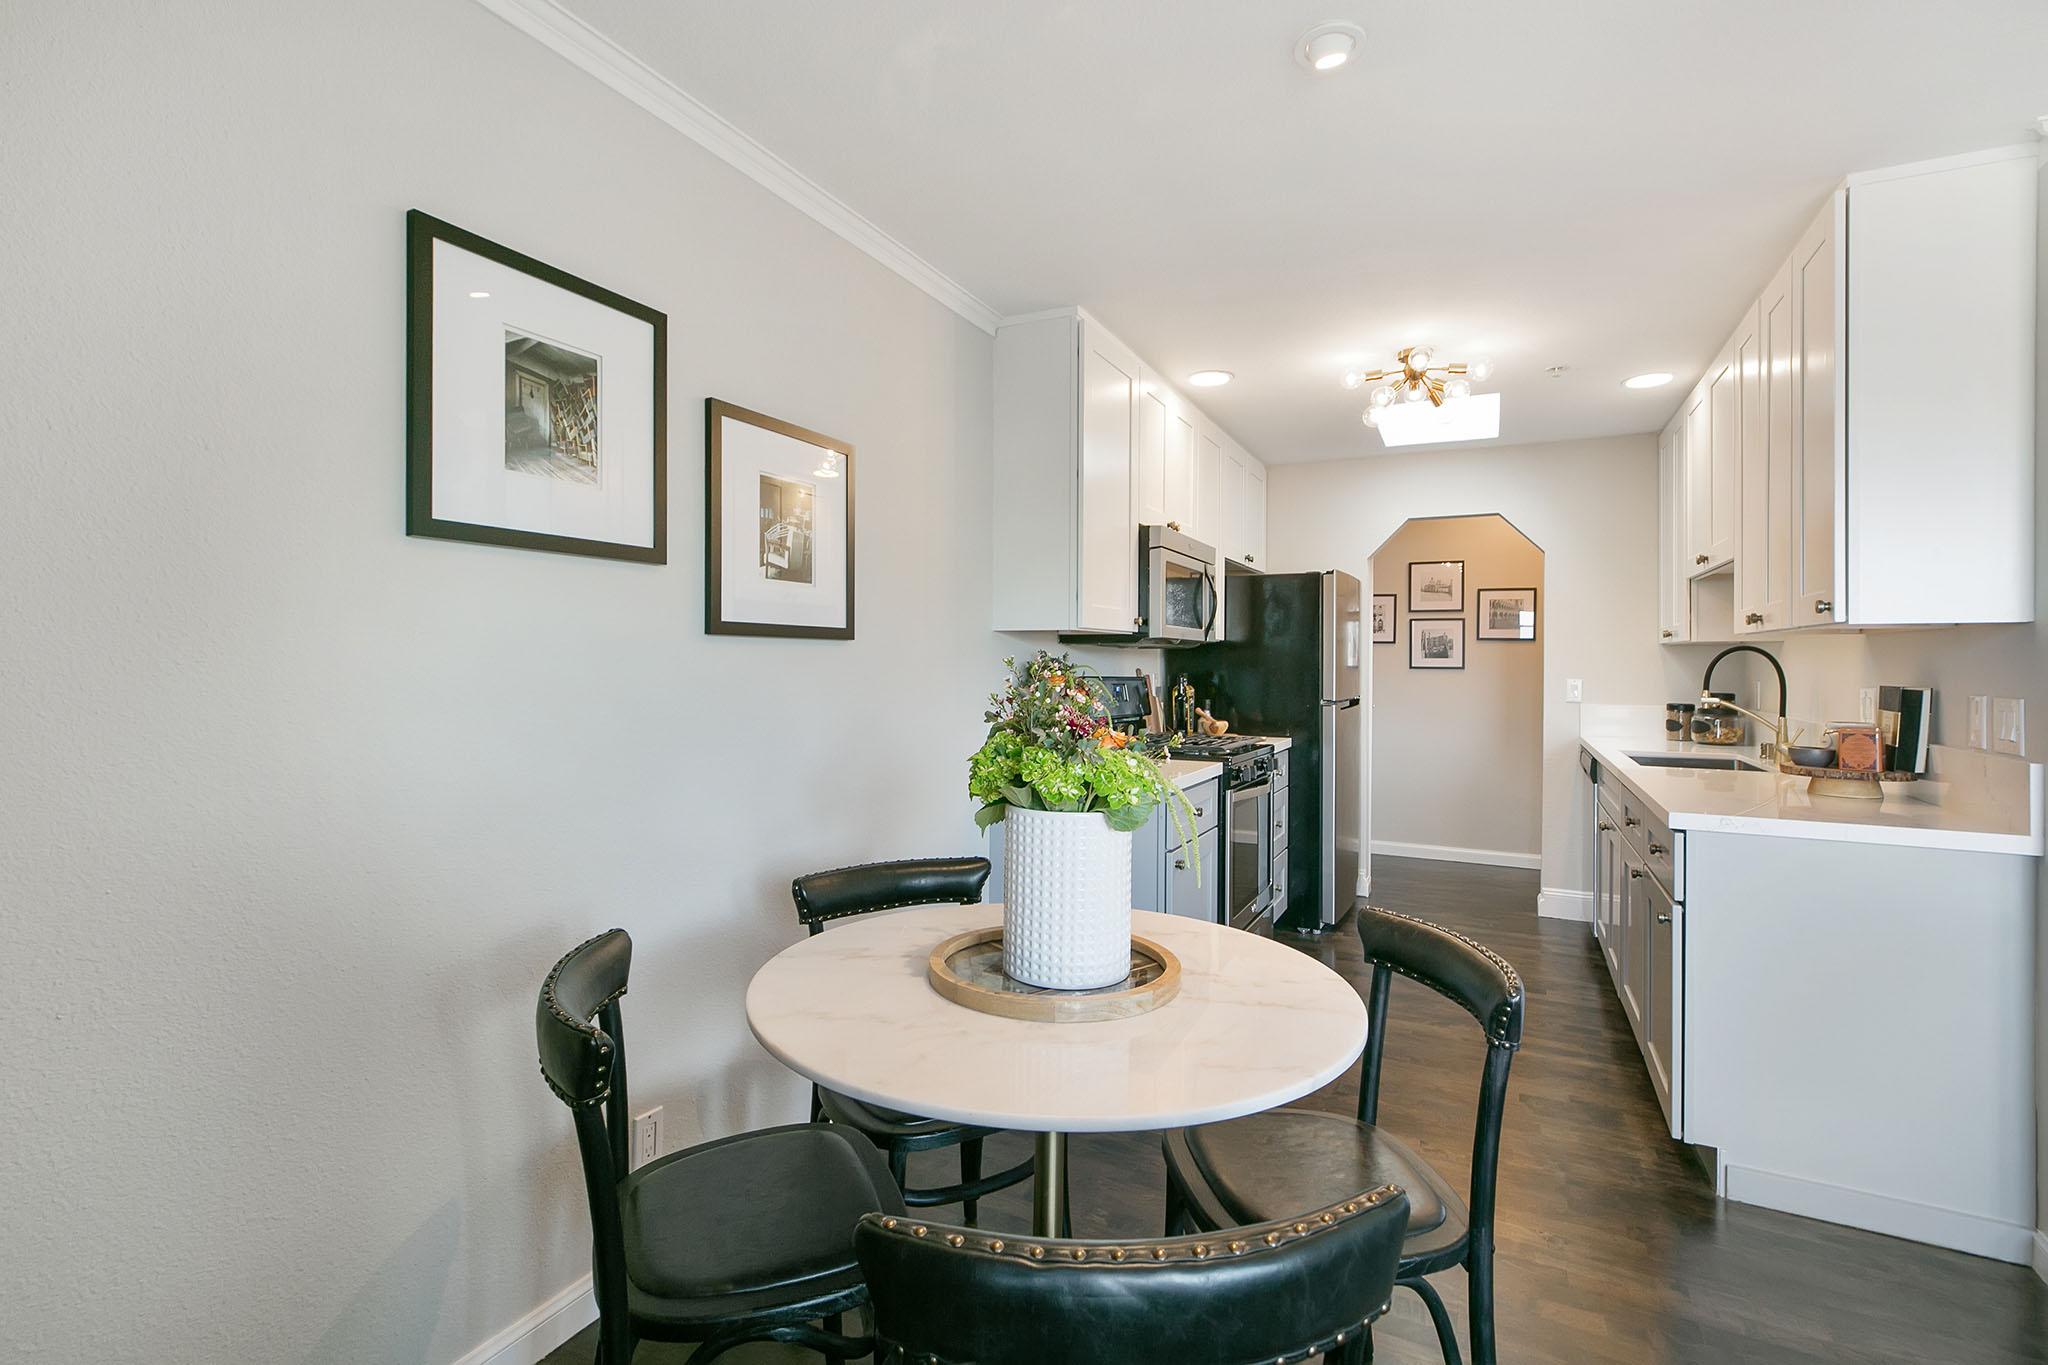 SF Home - Luxury Kitchen